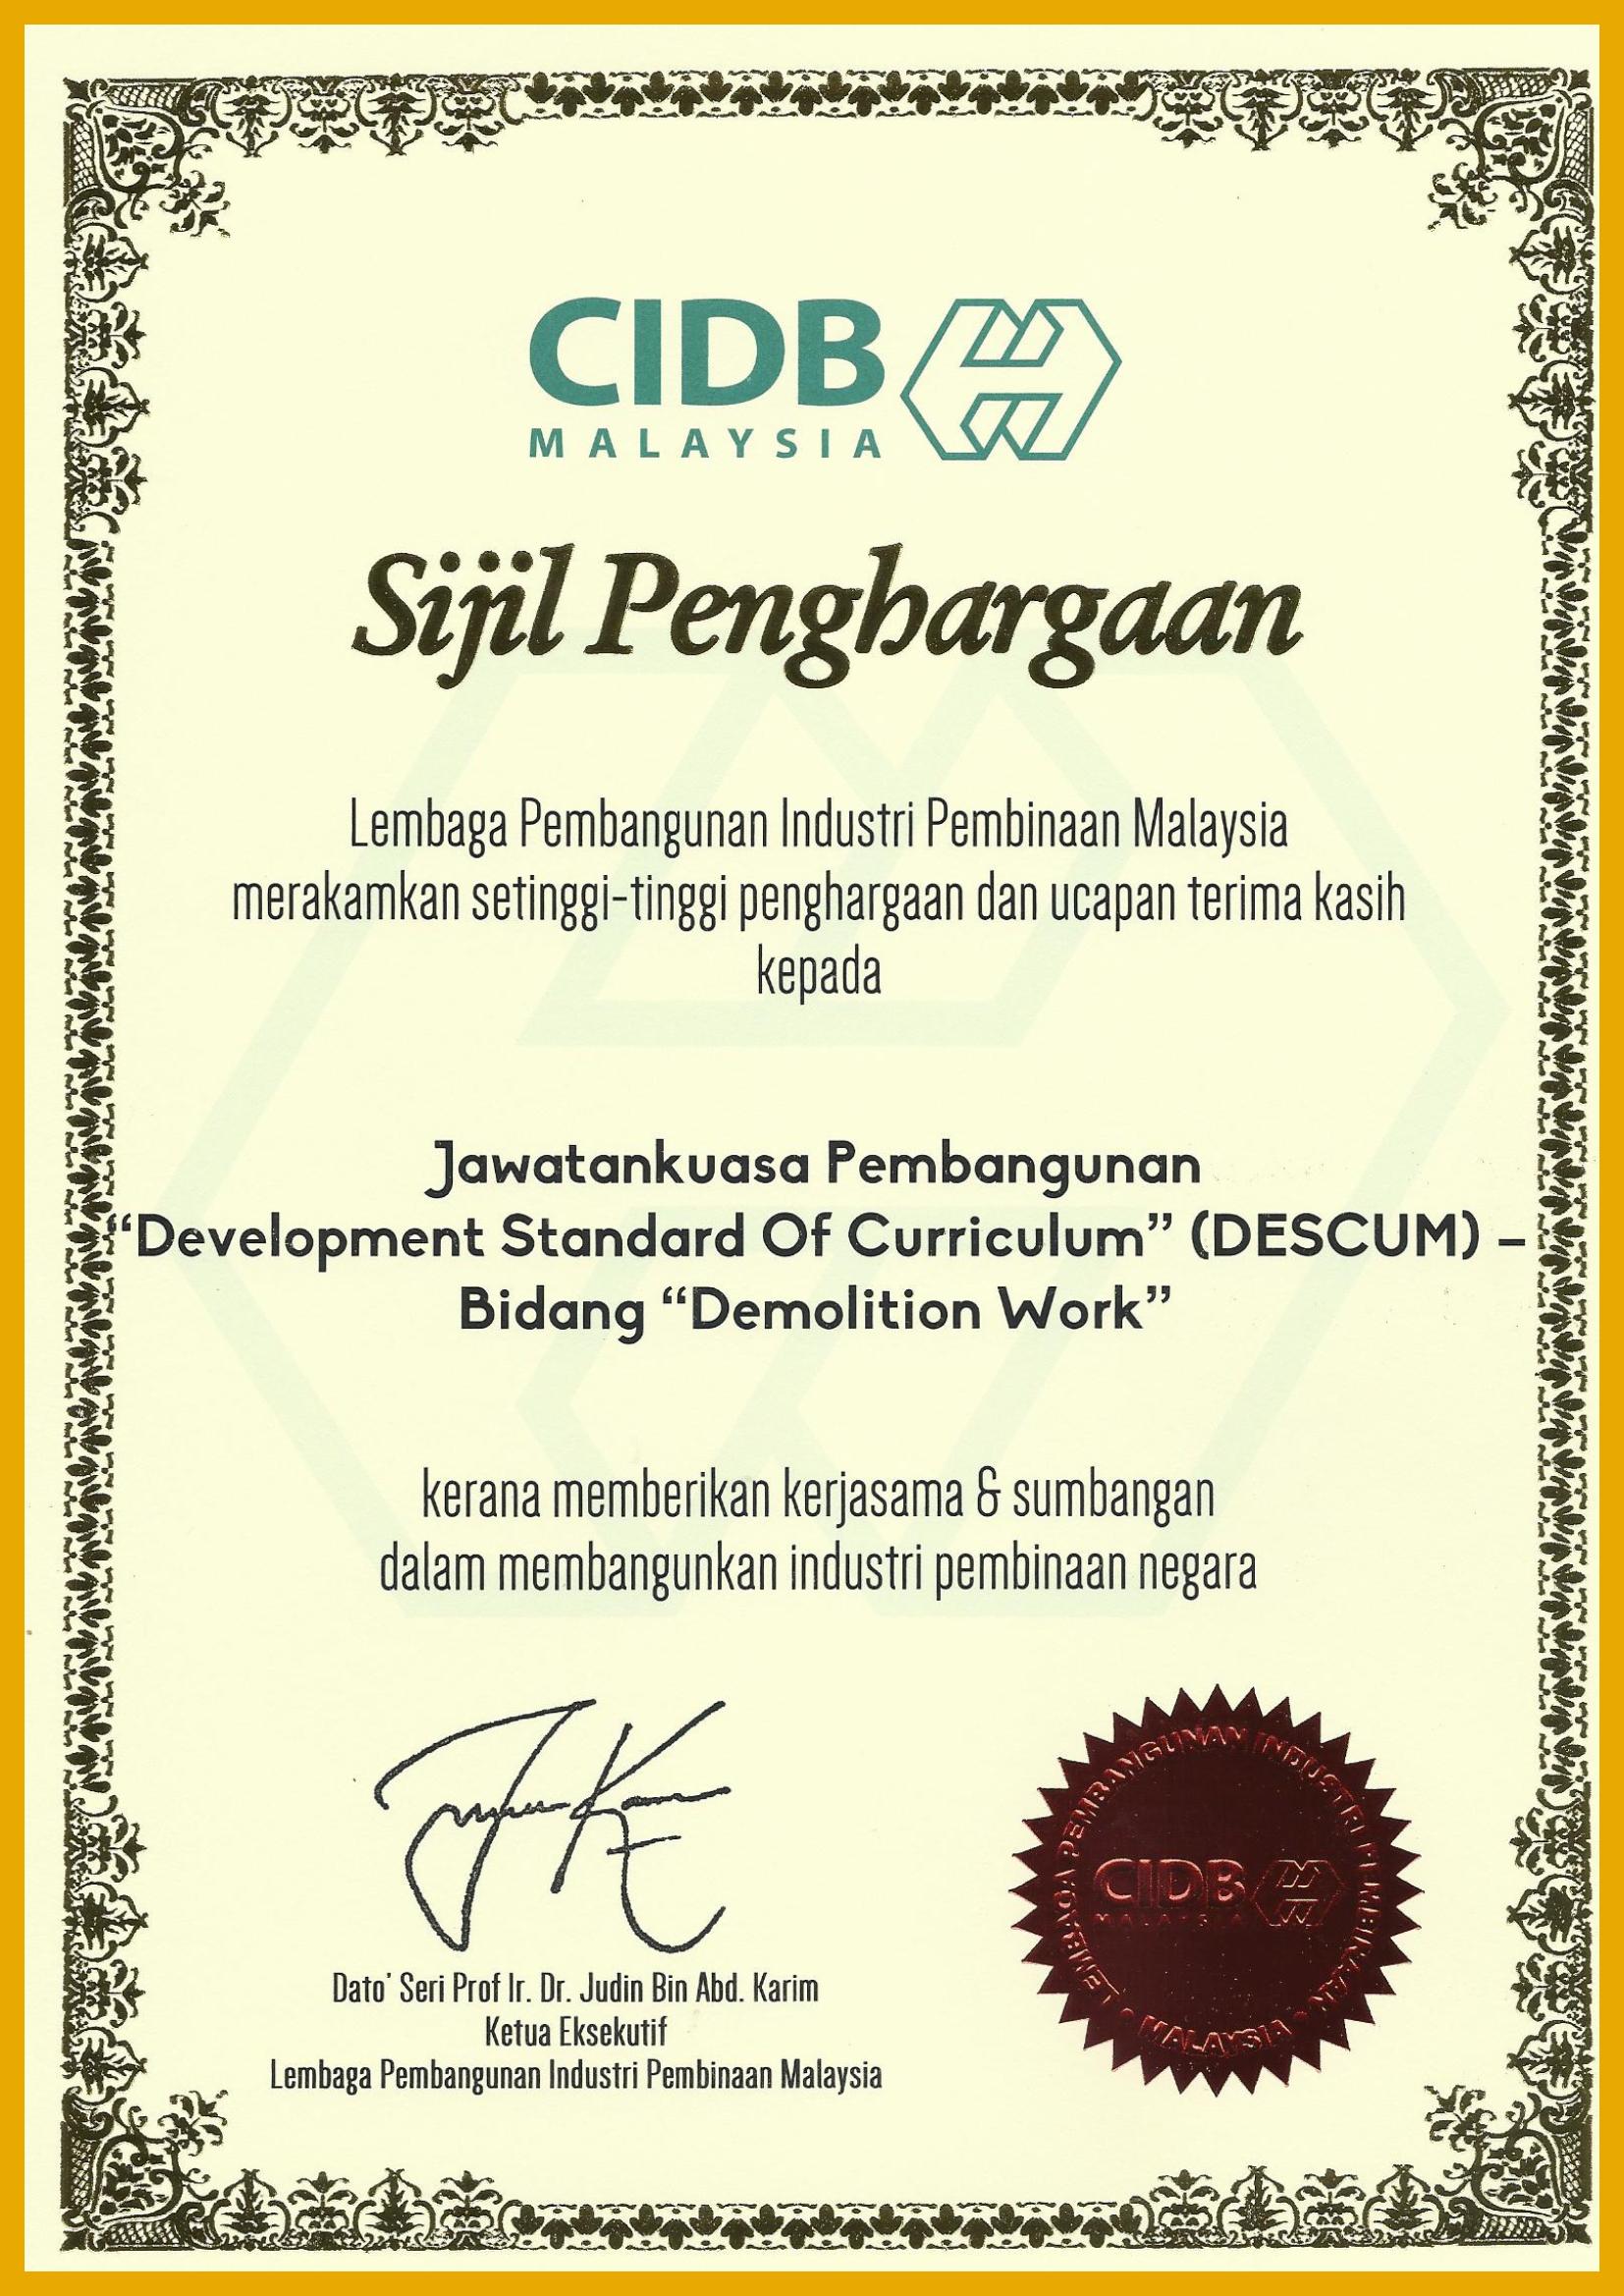 sijil-penghargaan-cidb